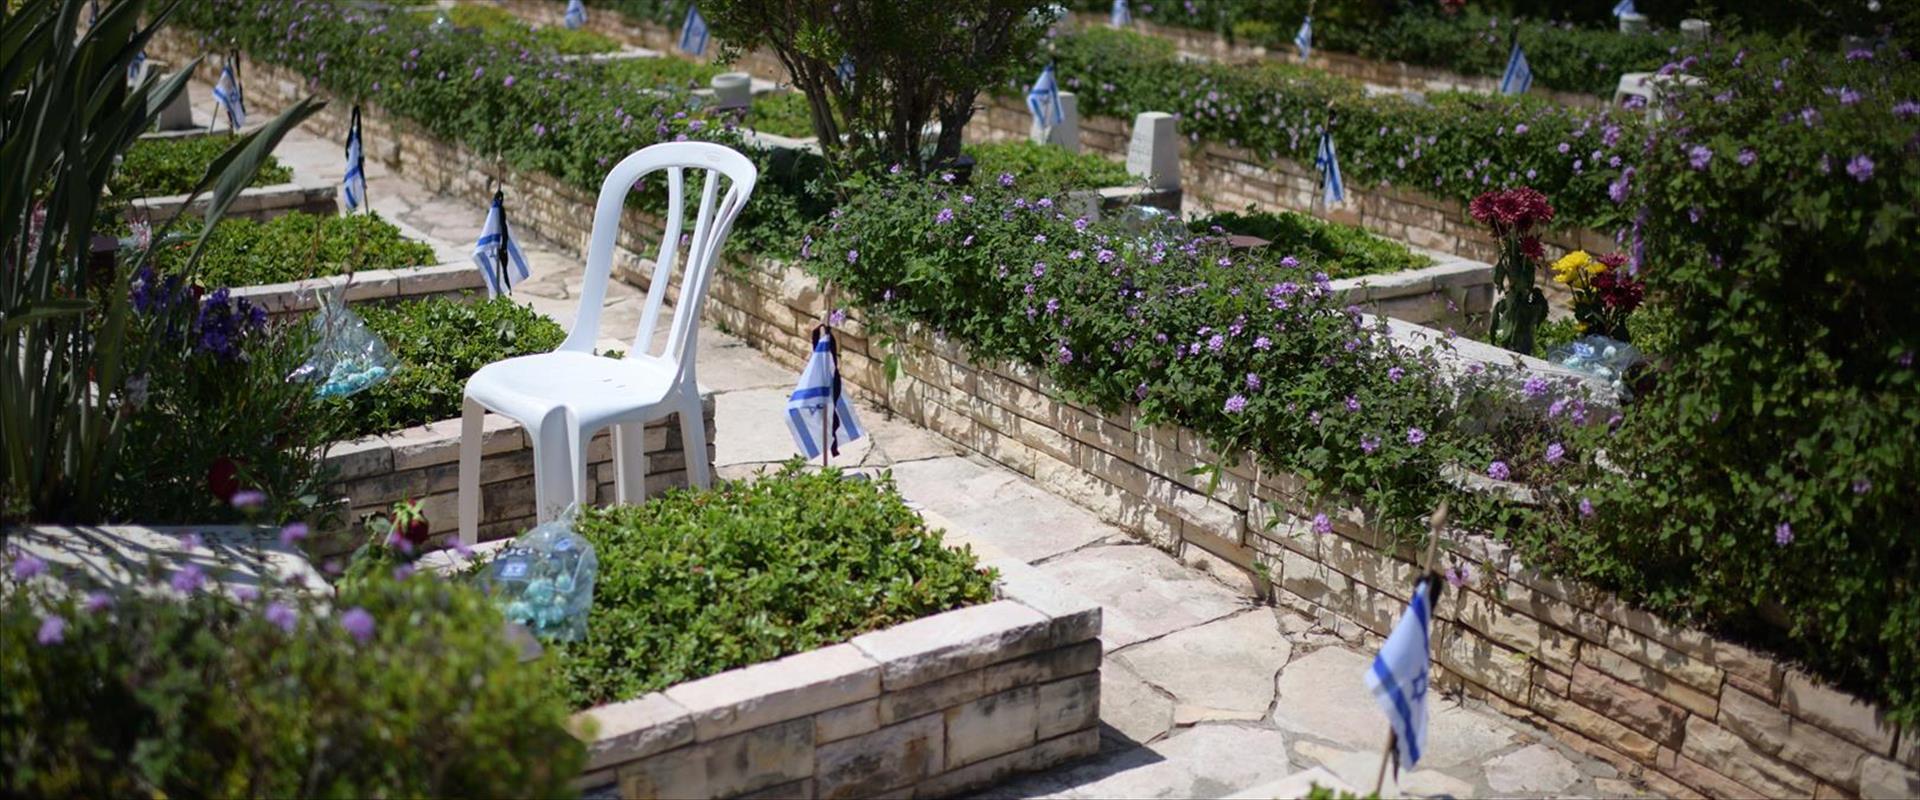 Fin de la séparation entre Juifs et non-juifs dans les cimetières militaires en Israël